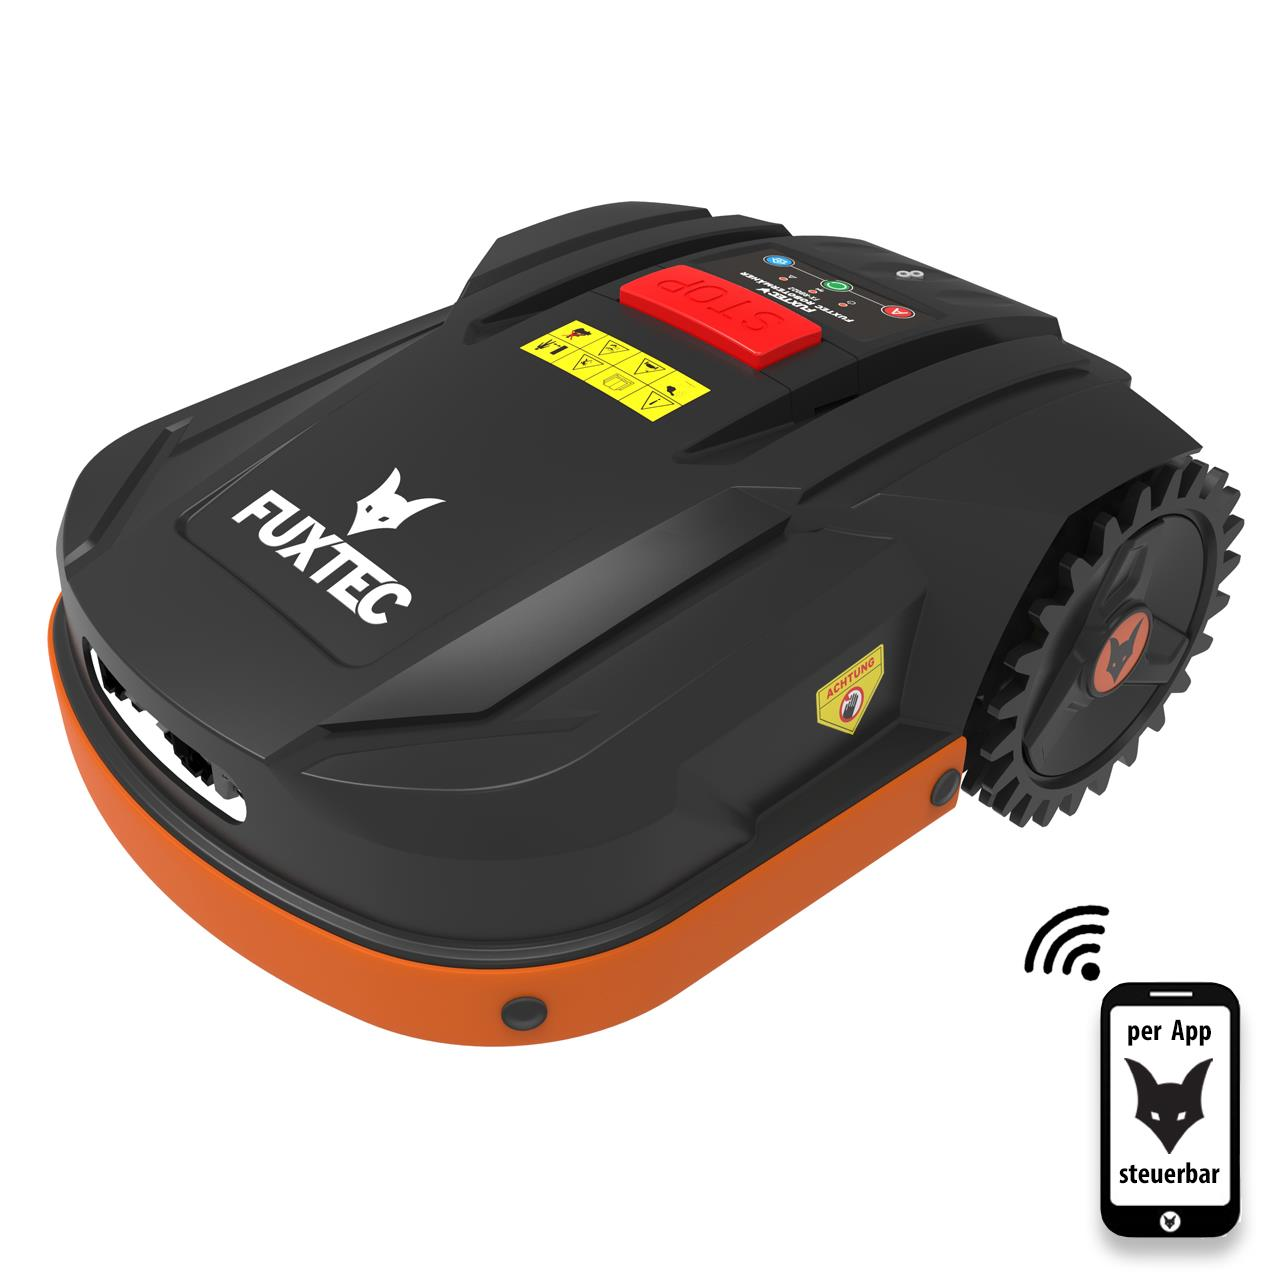 Mähroboter Robotermäher FX-RB022